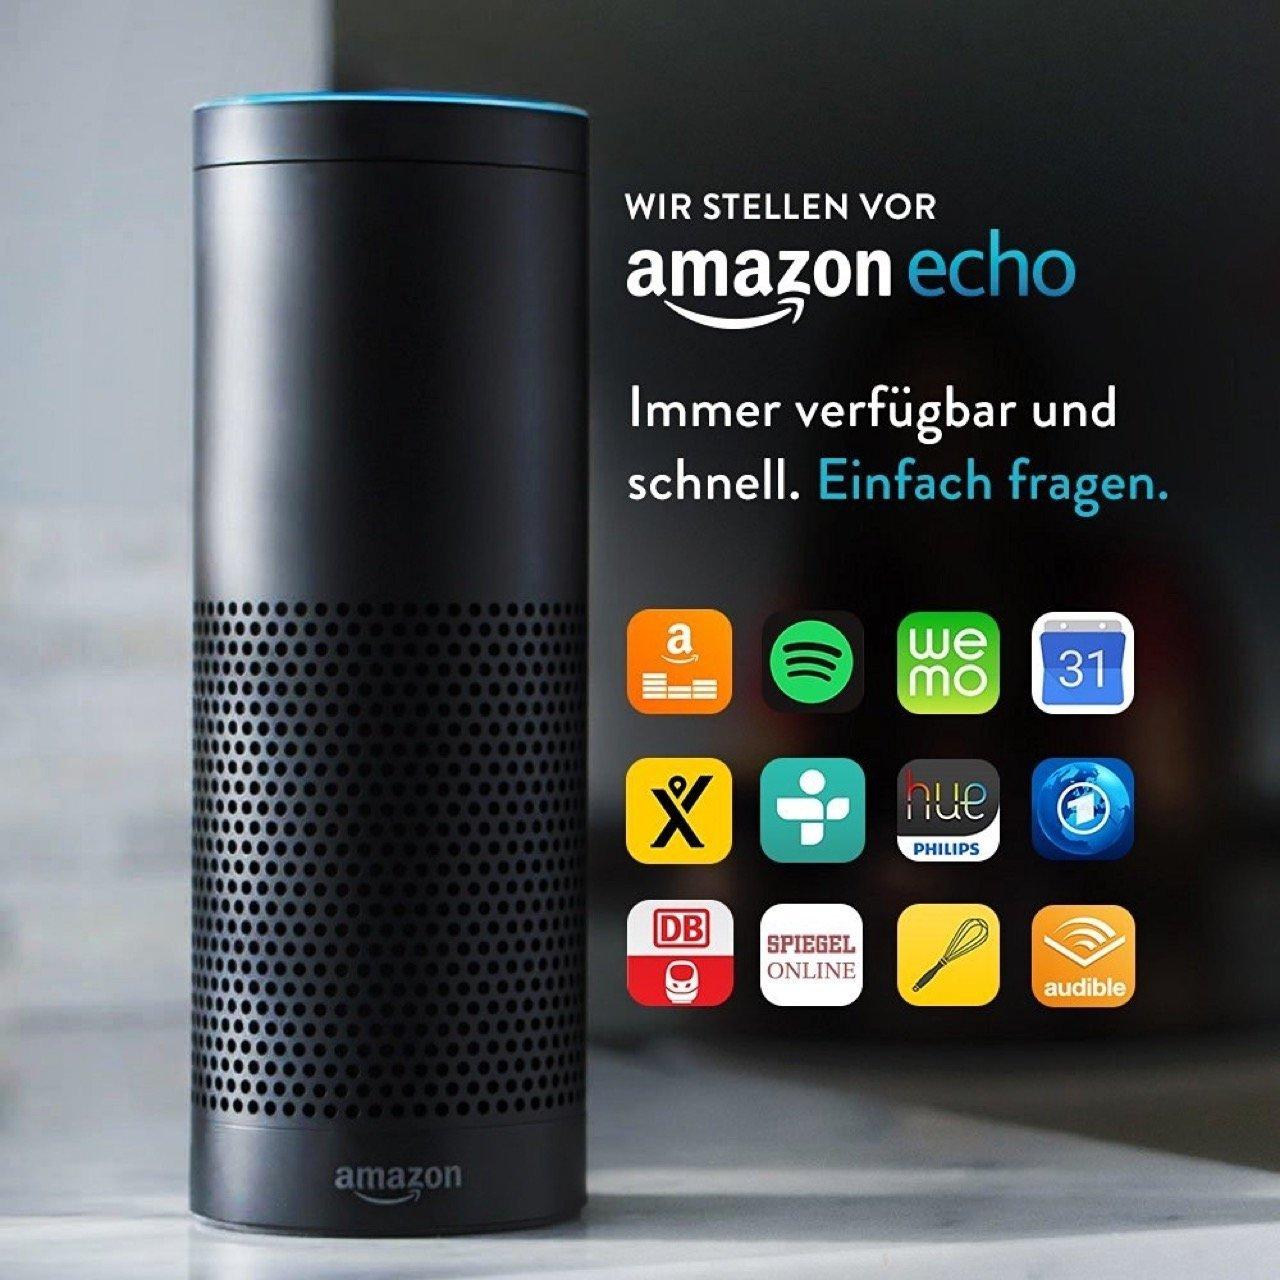 Amazon Echo - schwarz, Vorderansicht, Apps - Amazon Presse